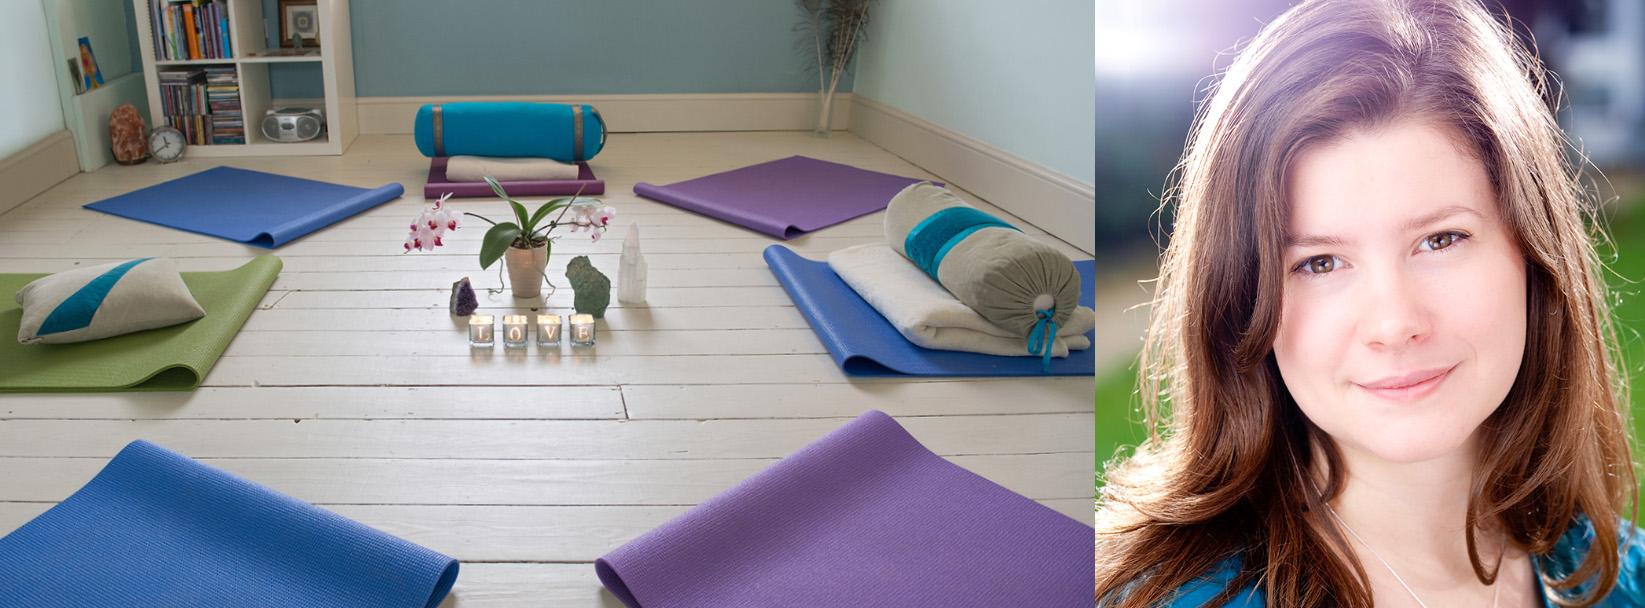 Joanne Sumner Wellbeing Studio